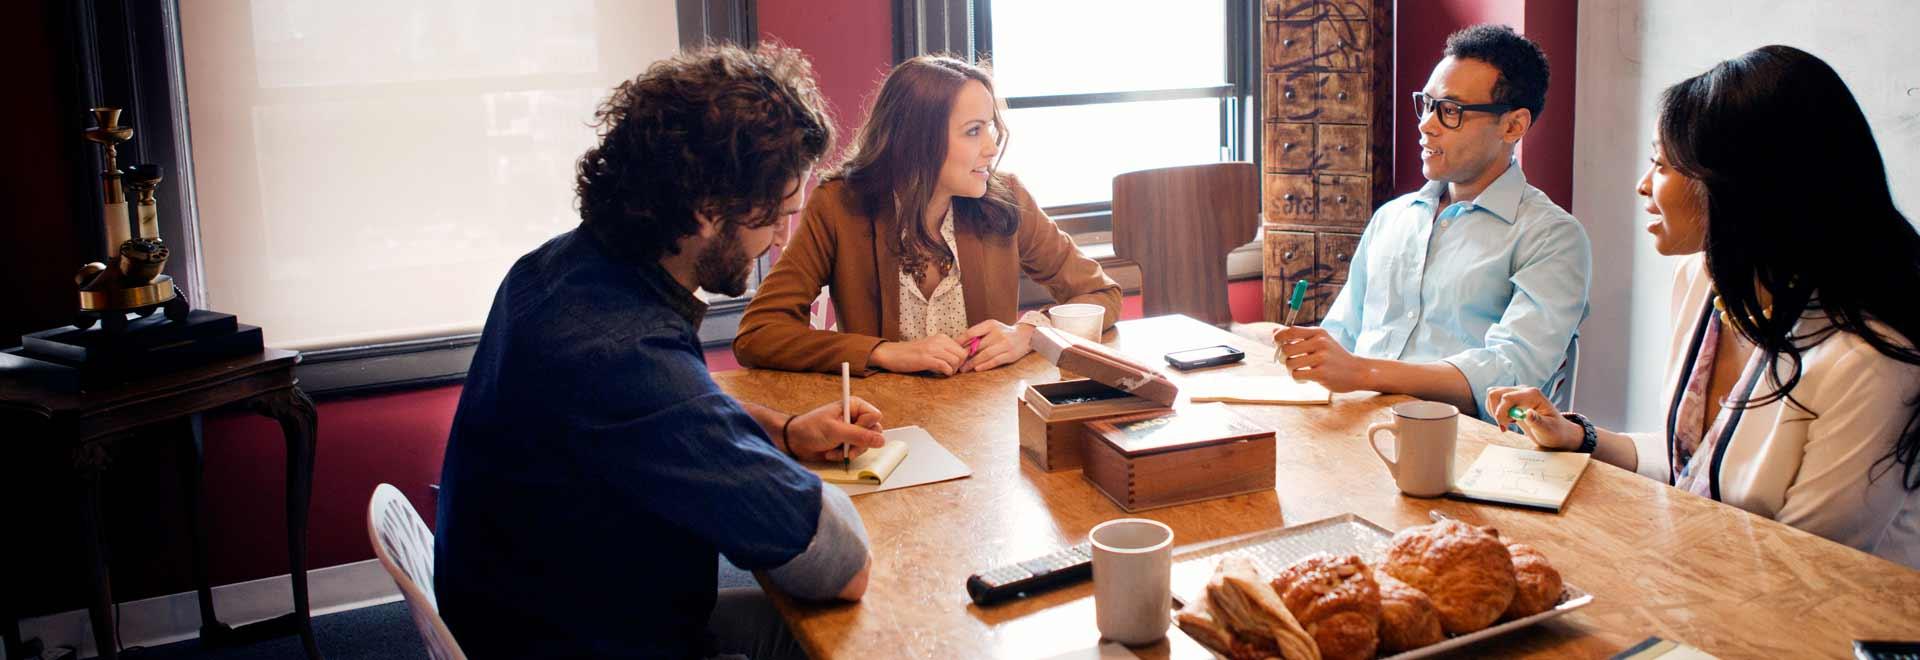 """Четверо людей працюють в офісі за допомогою """"Office 365 для підприємств E3""""."""